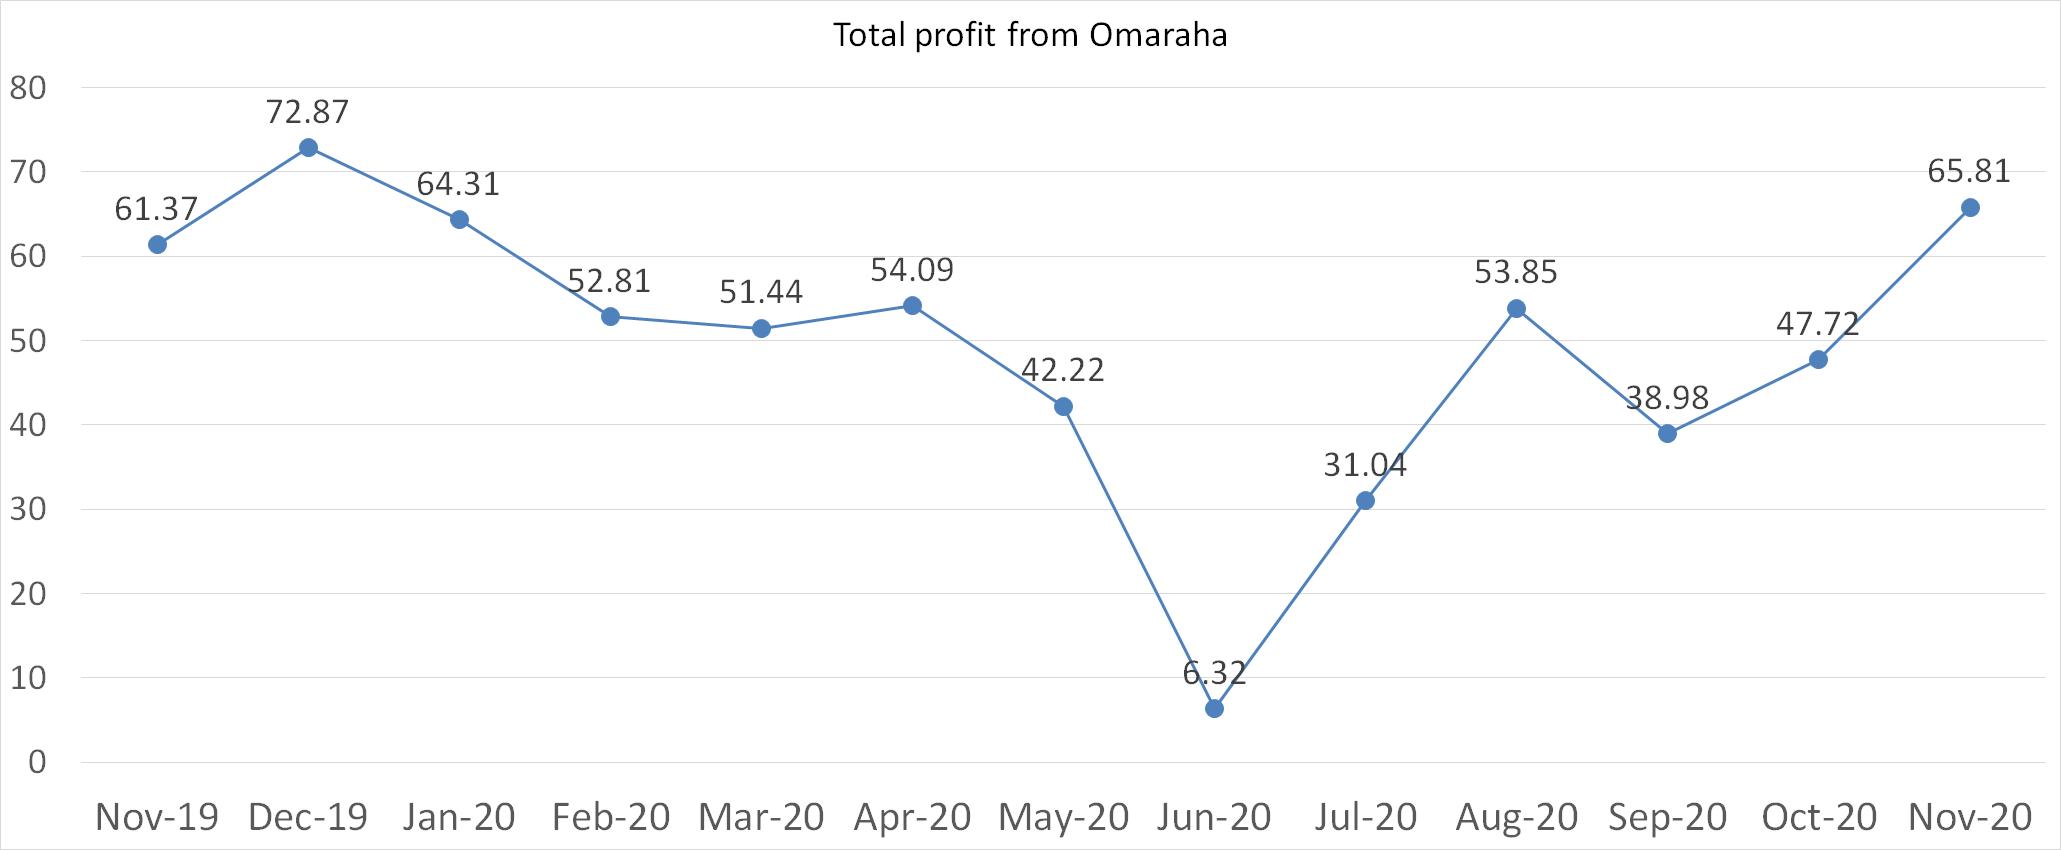 Total profit from Omaraha november 2020